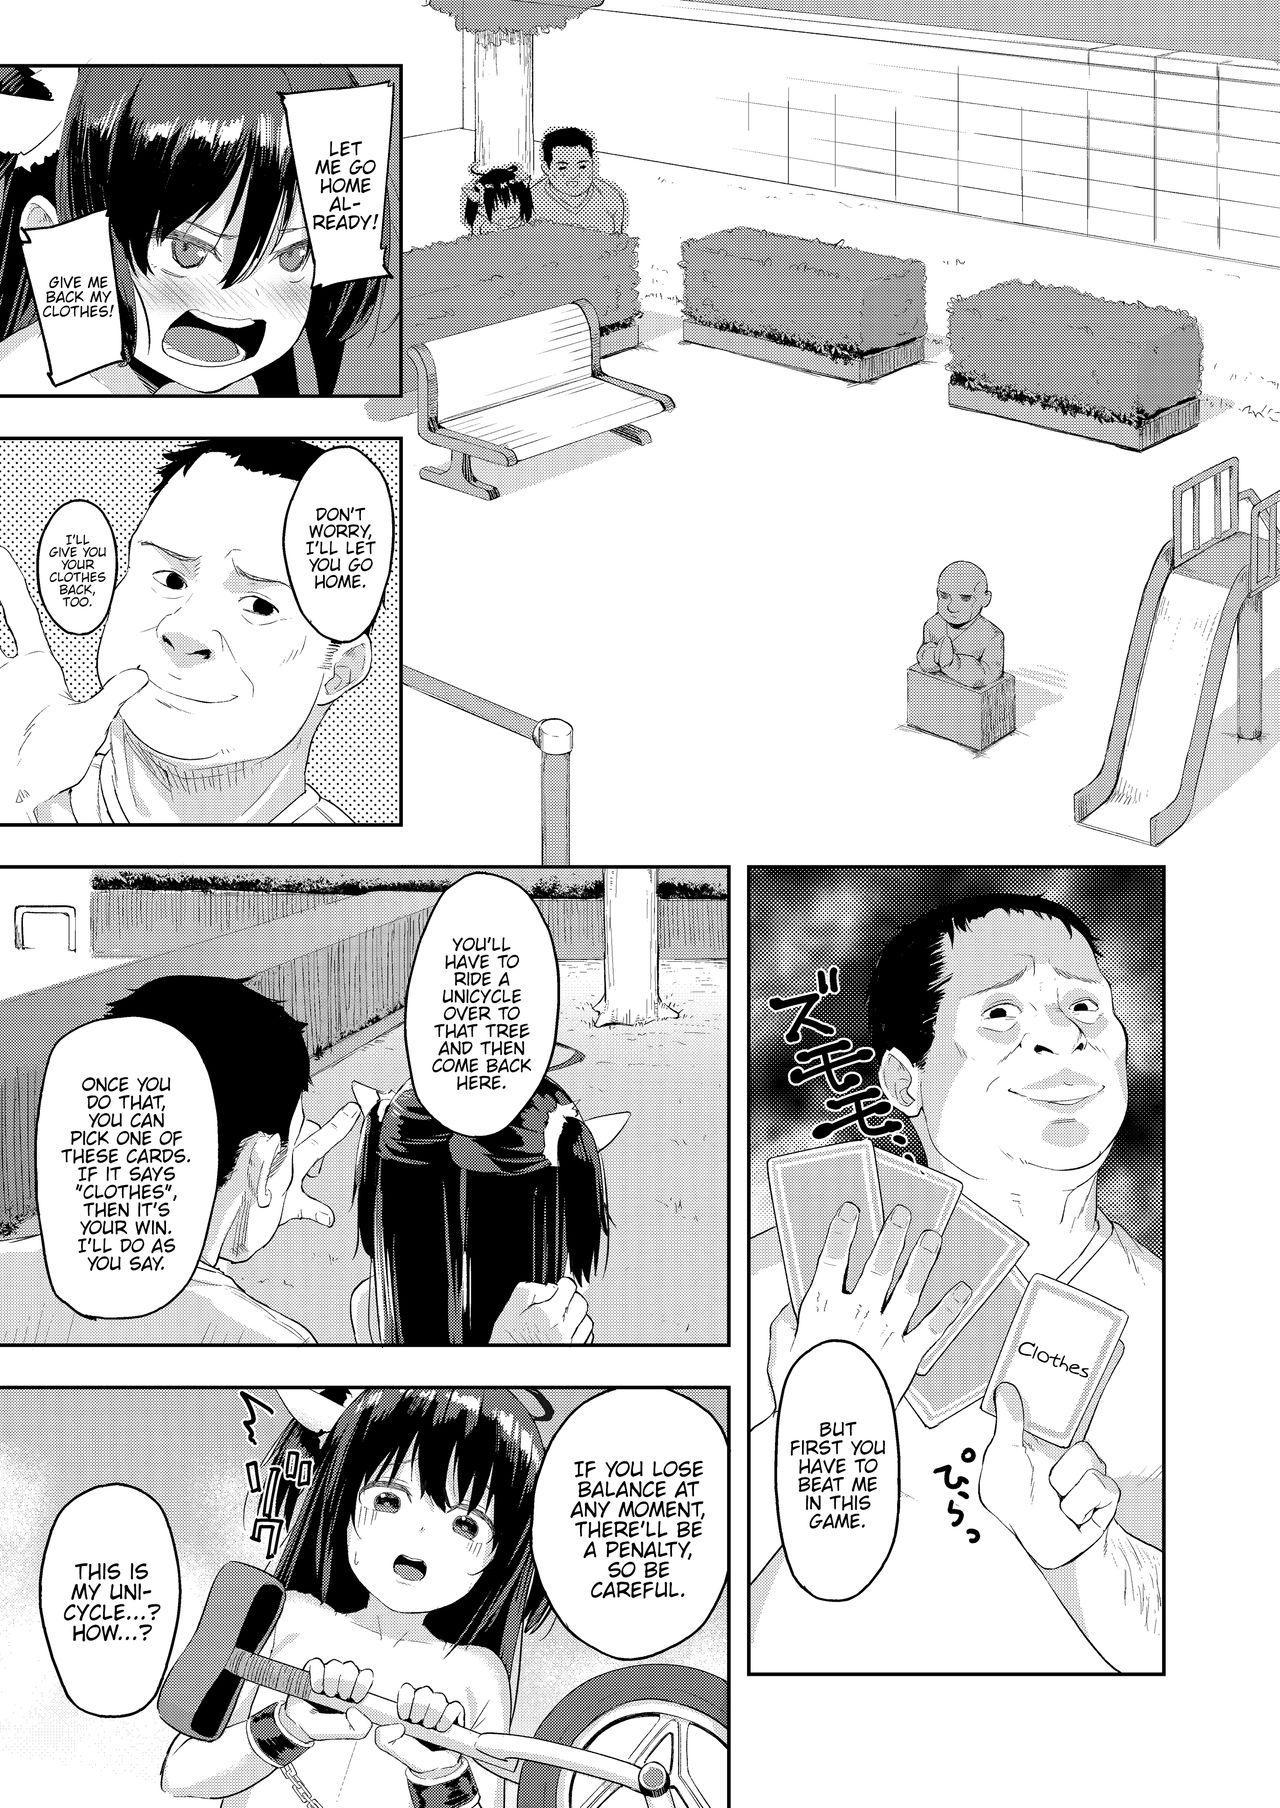 Ojisan no Joji Asobi 18